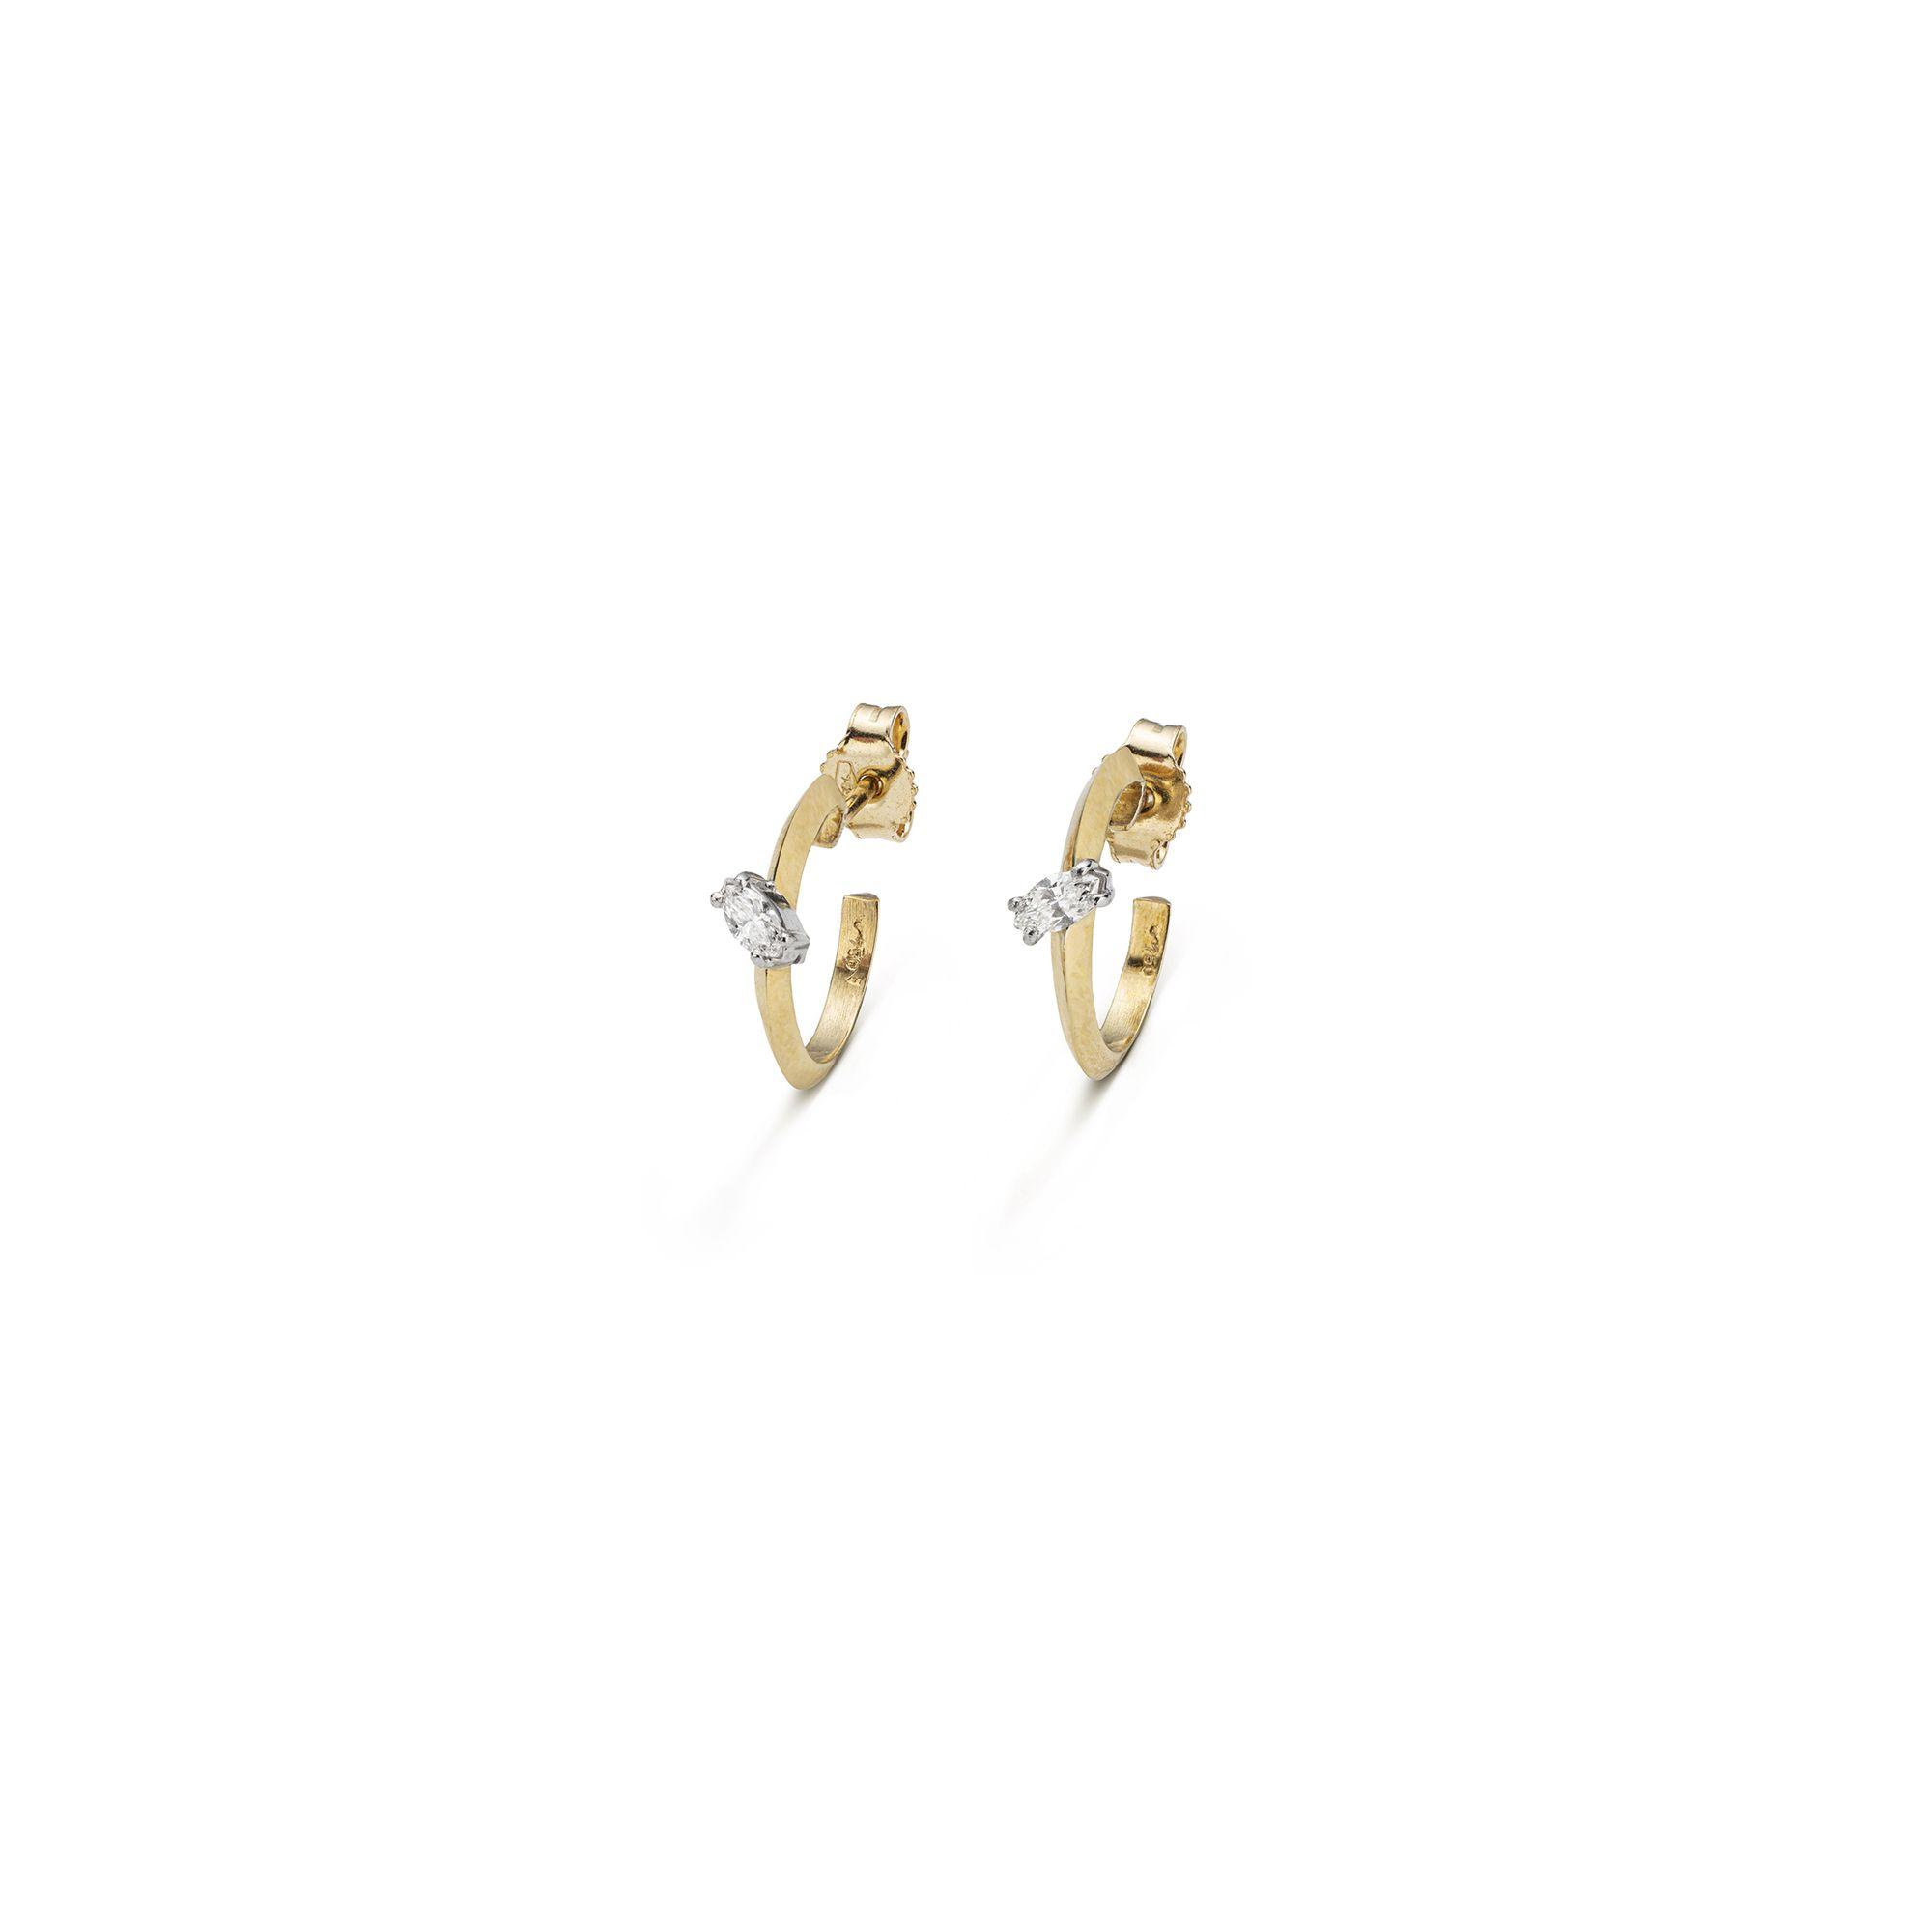 Yellow gold 'Balance' hoop earrings Yellow gold earrings with diamonds